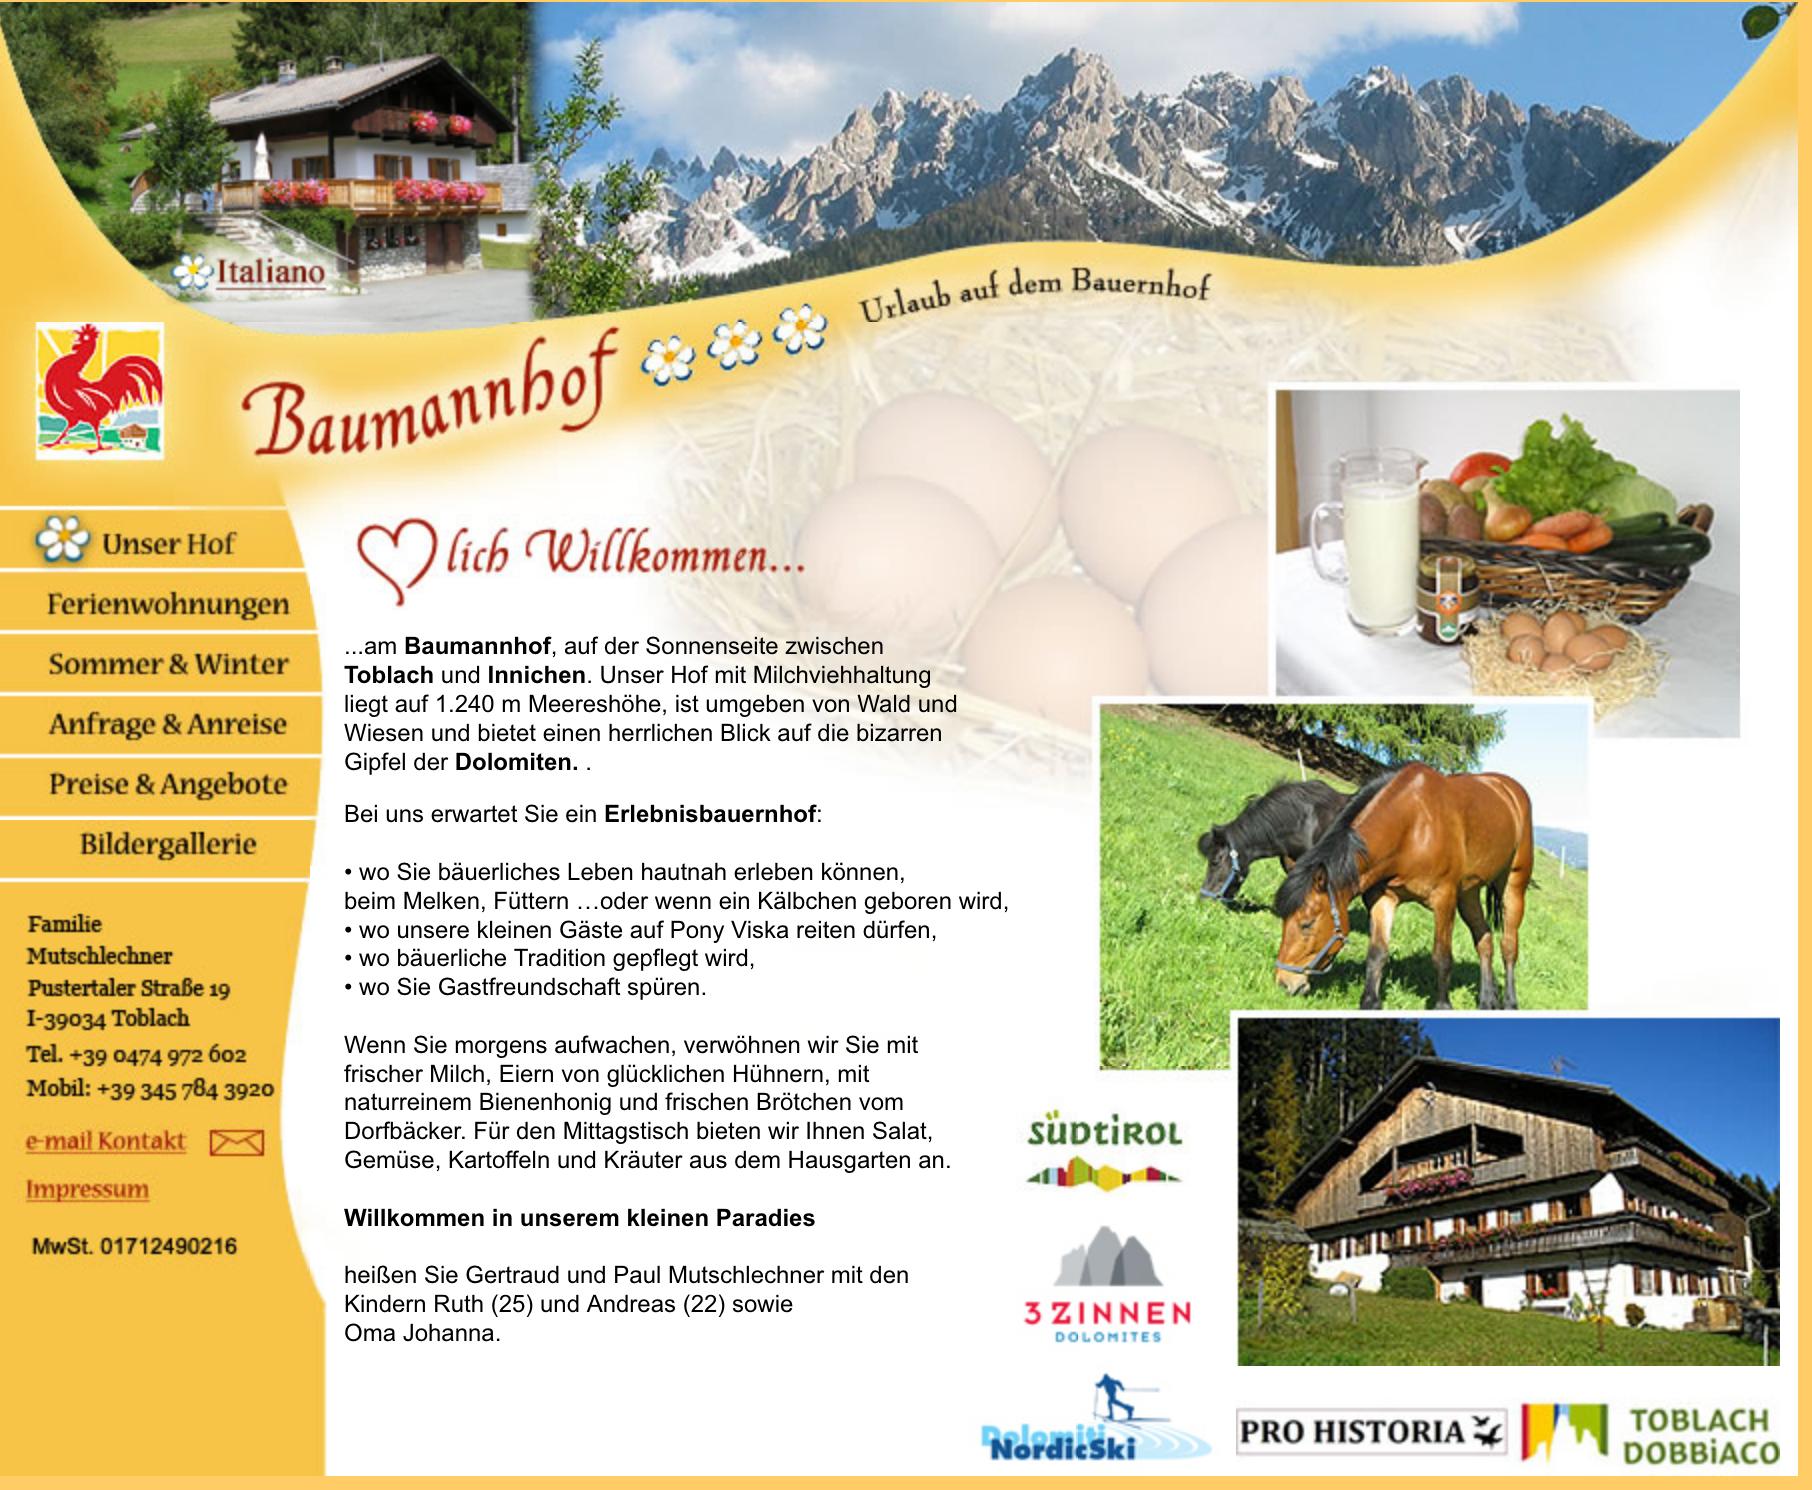 Baumannhof - Urlaub auf dem Bauernhof